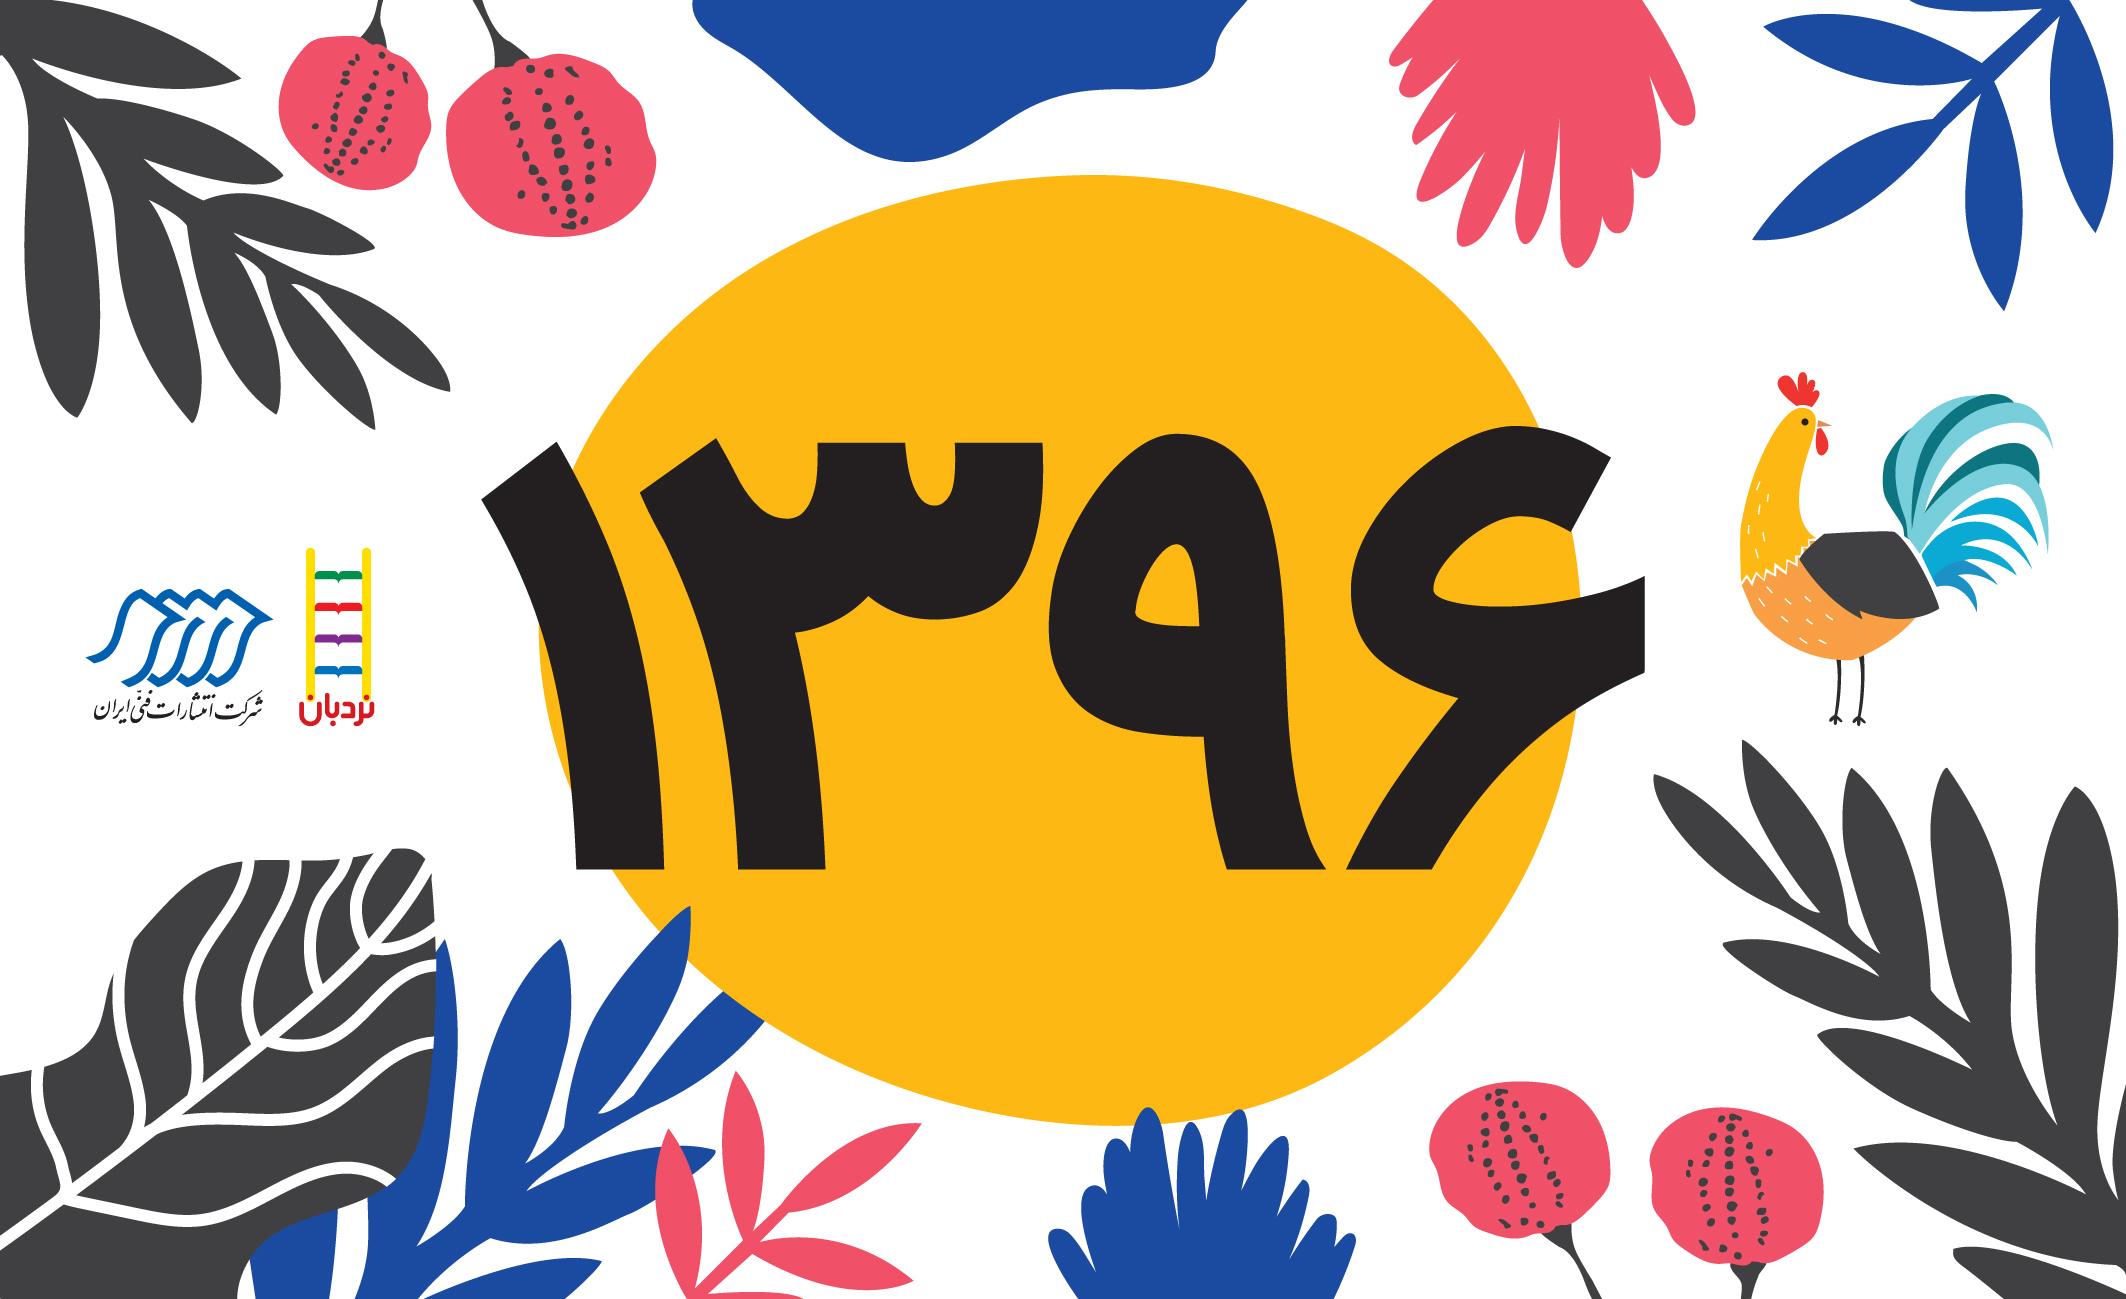 .کتابهای نردبان،واحد کودک و نوجوان انتشارات فنی ایران، سالی سرشار از شادابی و سلامت را برای شما، آرزومند است